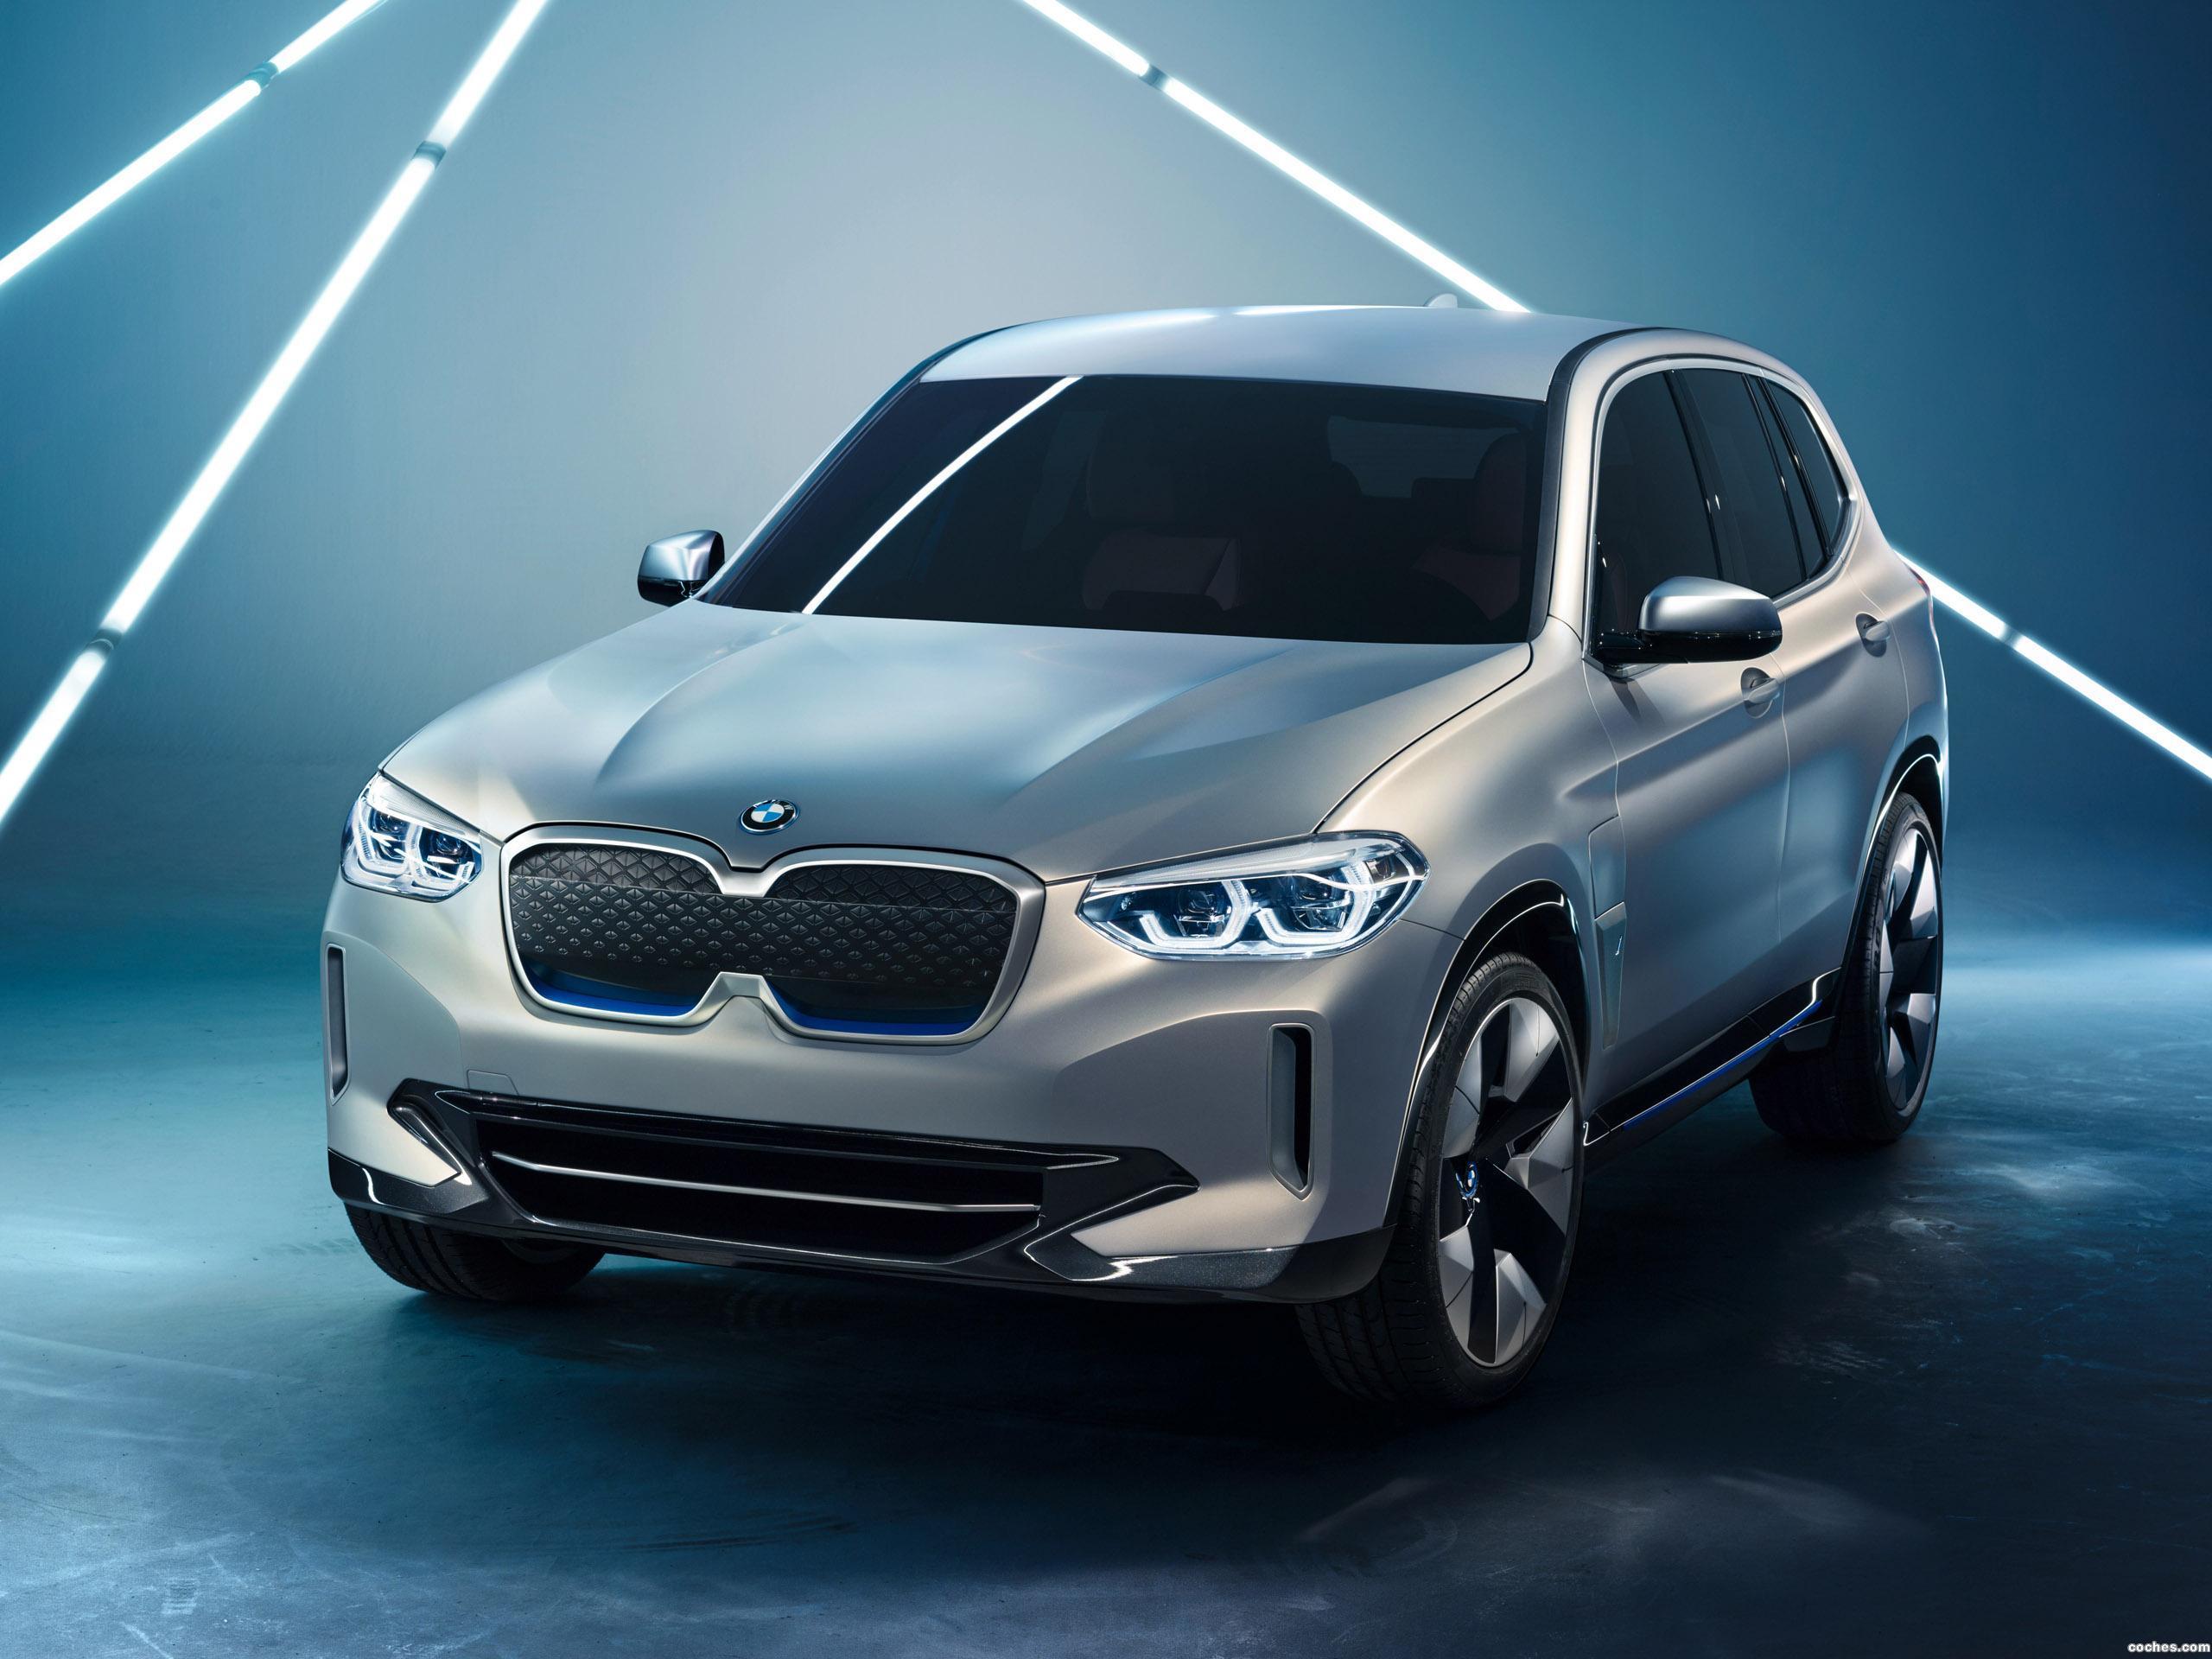 Foto 0 de BMW Concept iX3 2018